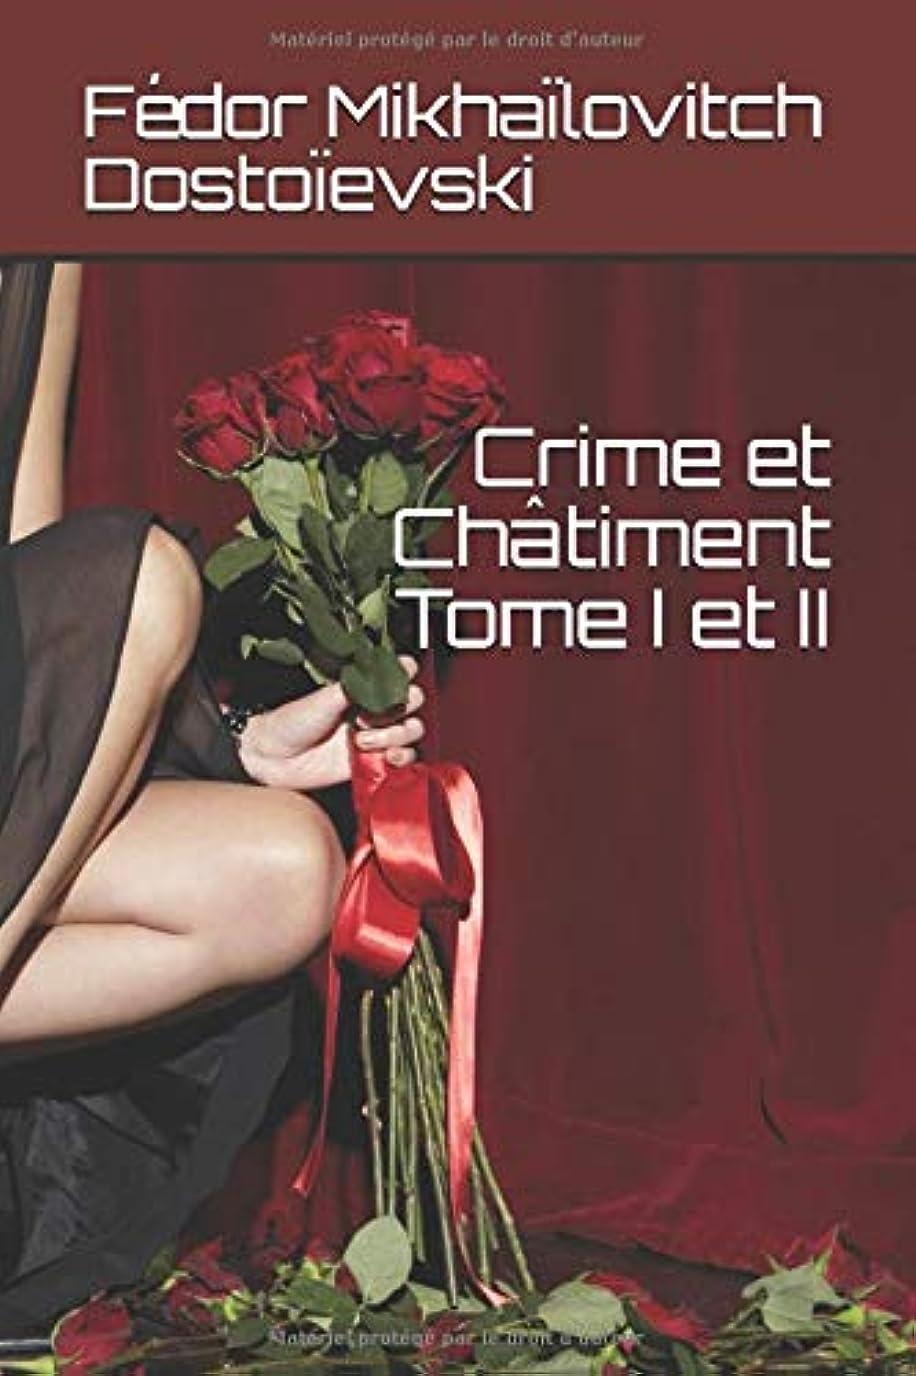 謝る不要ベテランCrime et Chatiment  Tome I et II